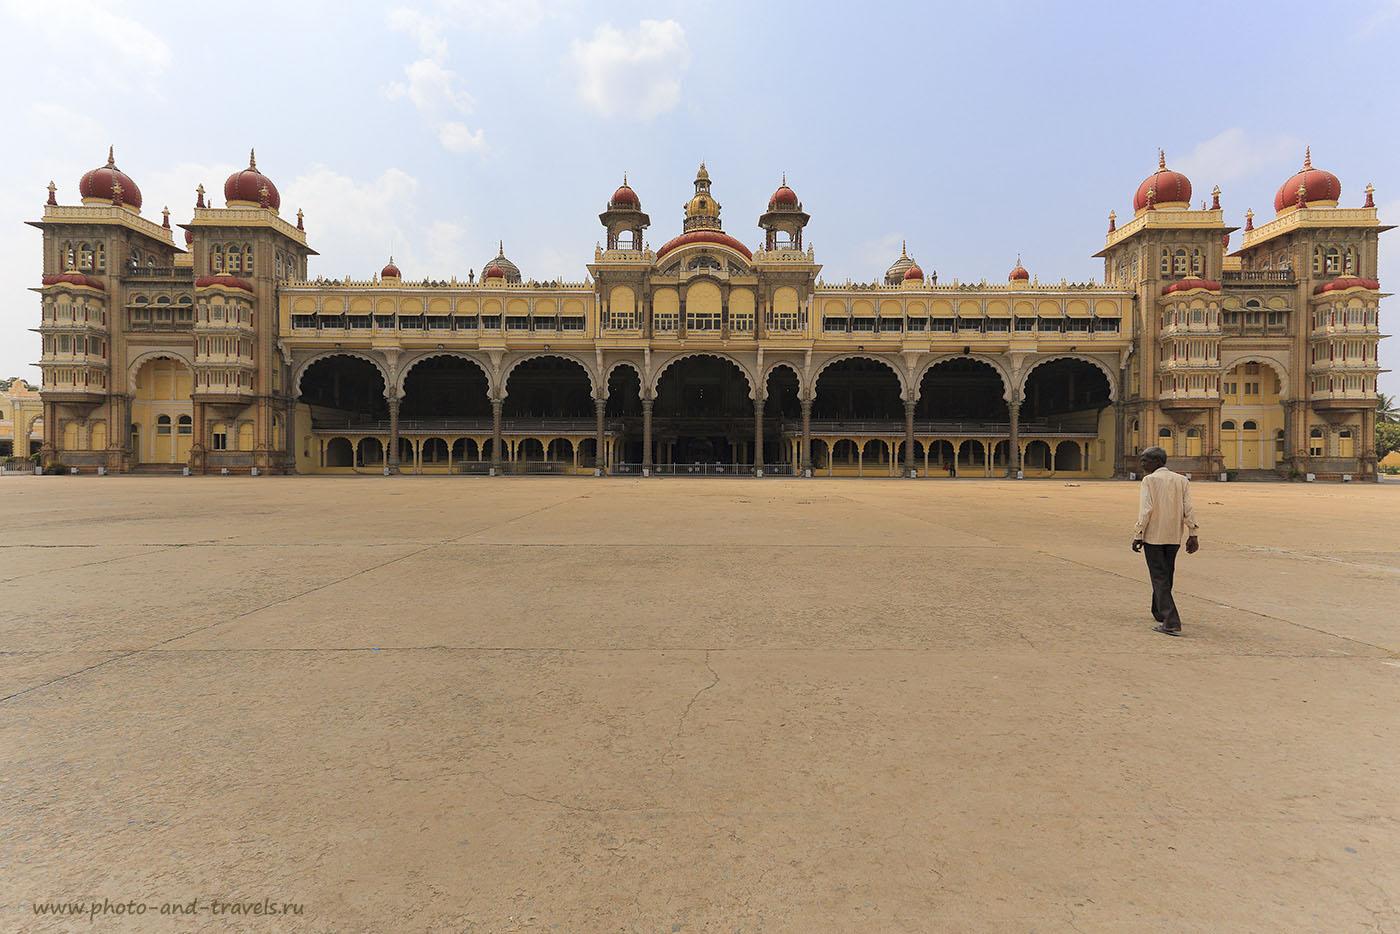 Фотография 10. Фасад Майсурского дворца Амба Вилас. Отчеты туристов о поездке в Индию. Путешествие по штату Карнатака. 1/250, -1, 9.0, 100, 17